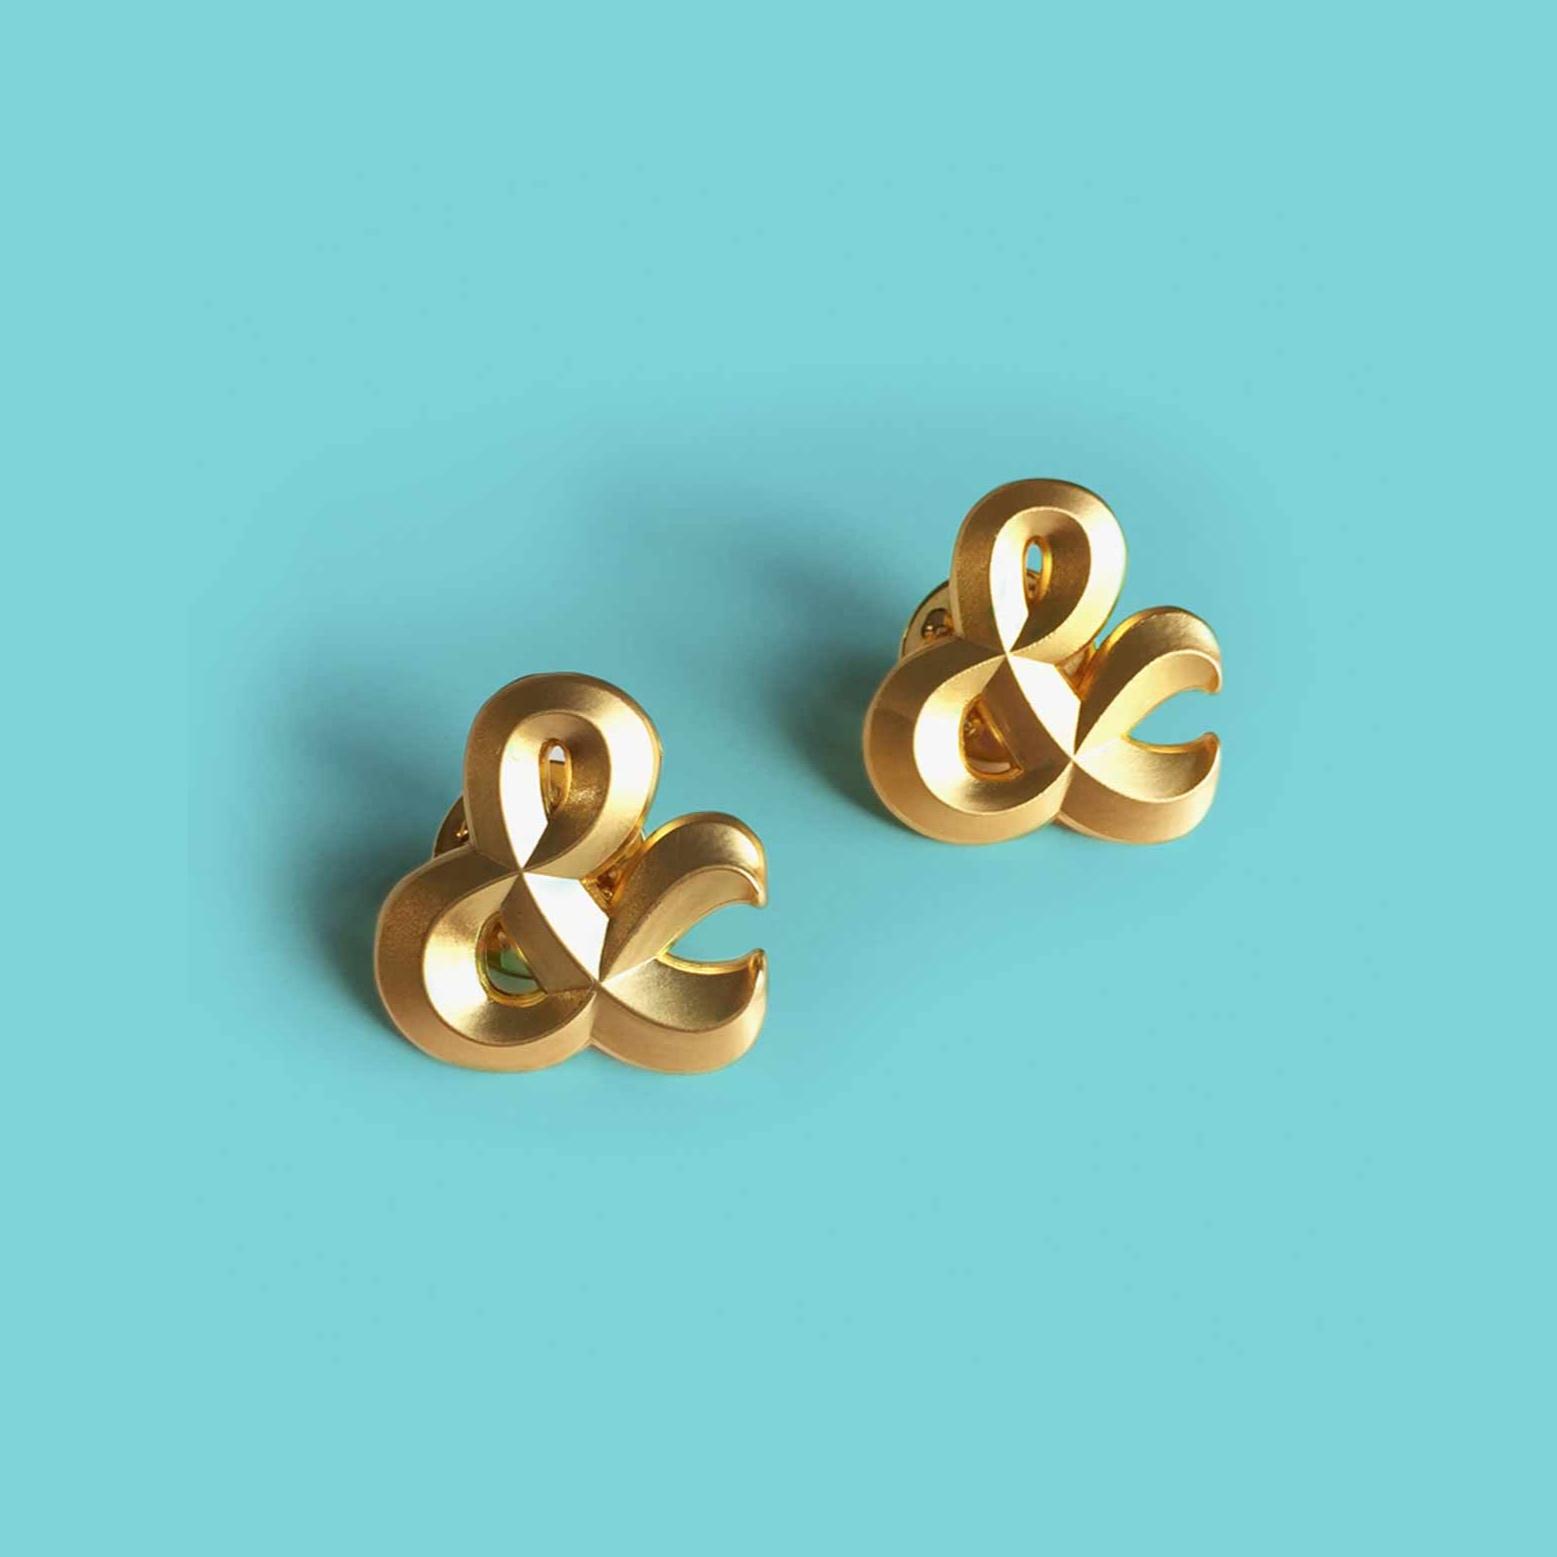 Twin Pins   €16,00